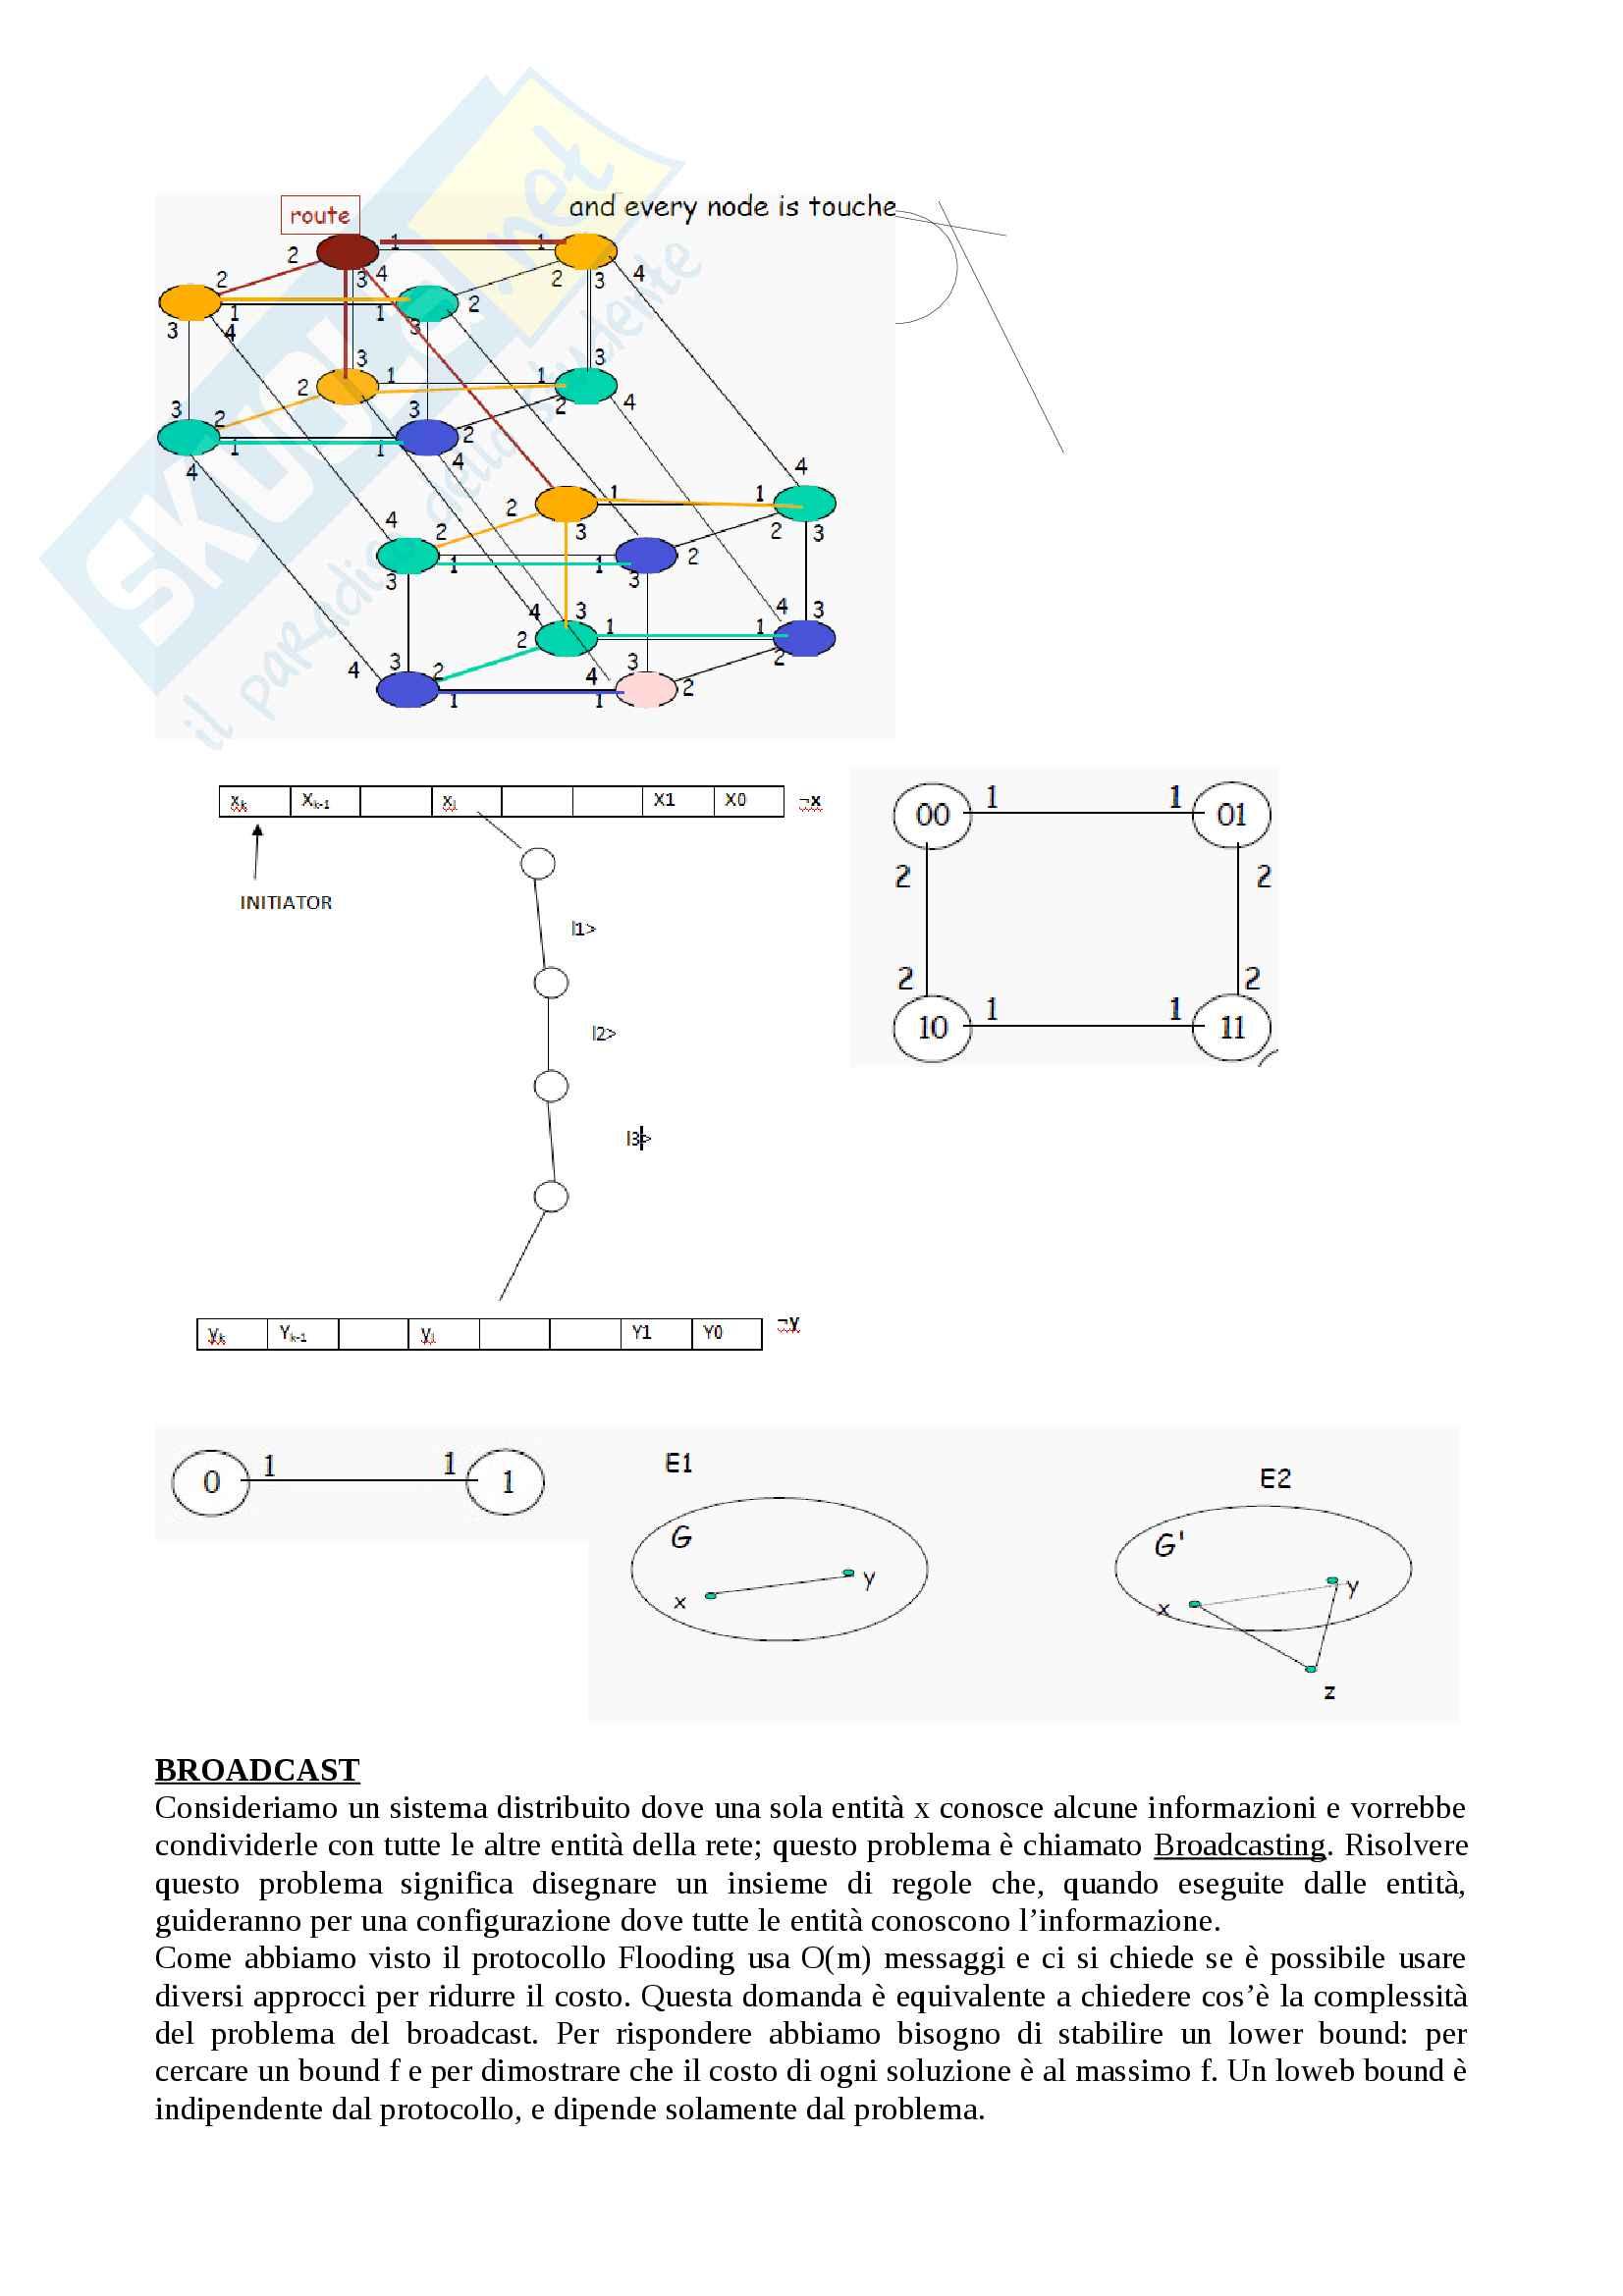 Problema del broadcast e introduzione all'hypercube